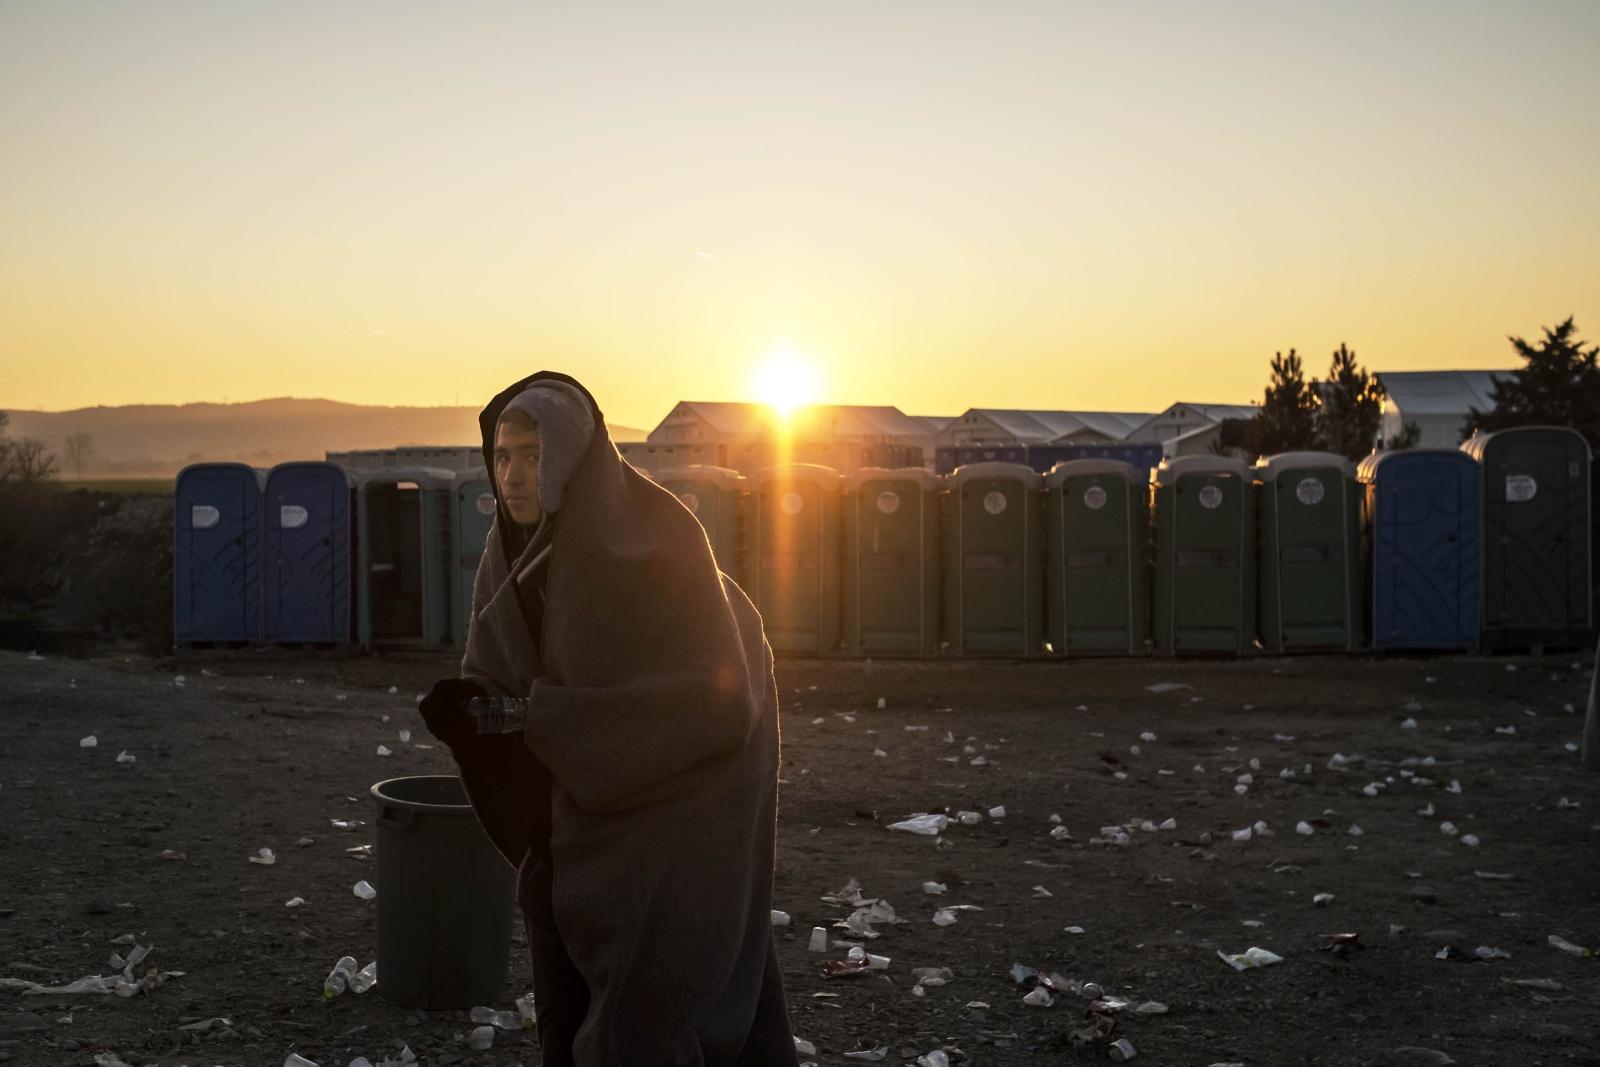 Idomeni confine tra Grecia e Macedonia dove ogni giorno transitano  migliaia di profughi provenienti dall'Afghanistan, Iraq e Siria seguendo la rotta della Western Balkan route